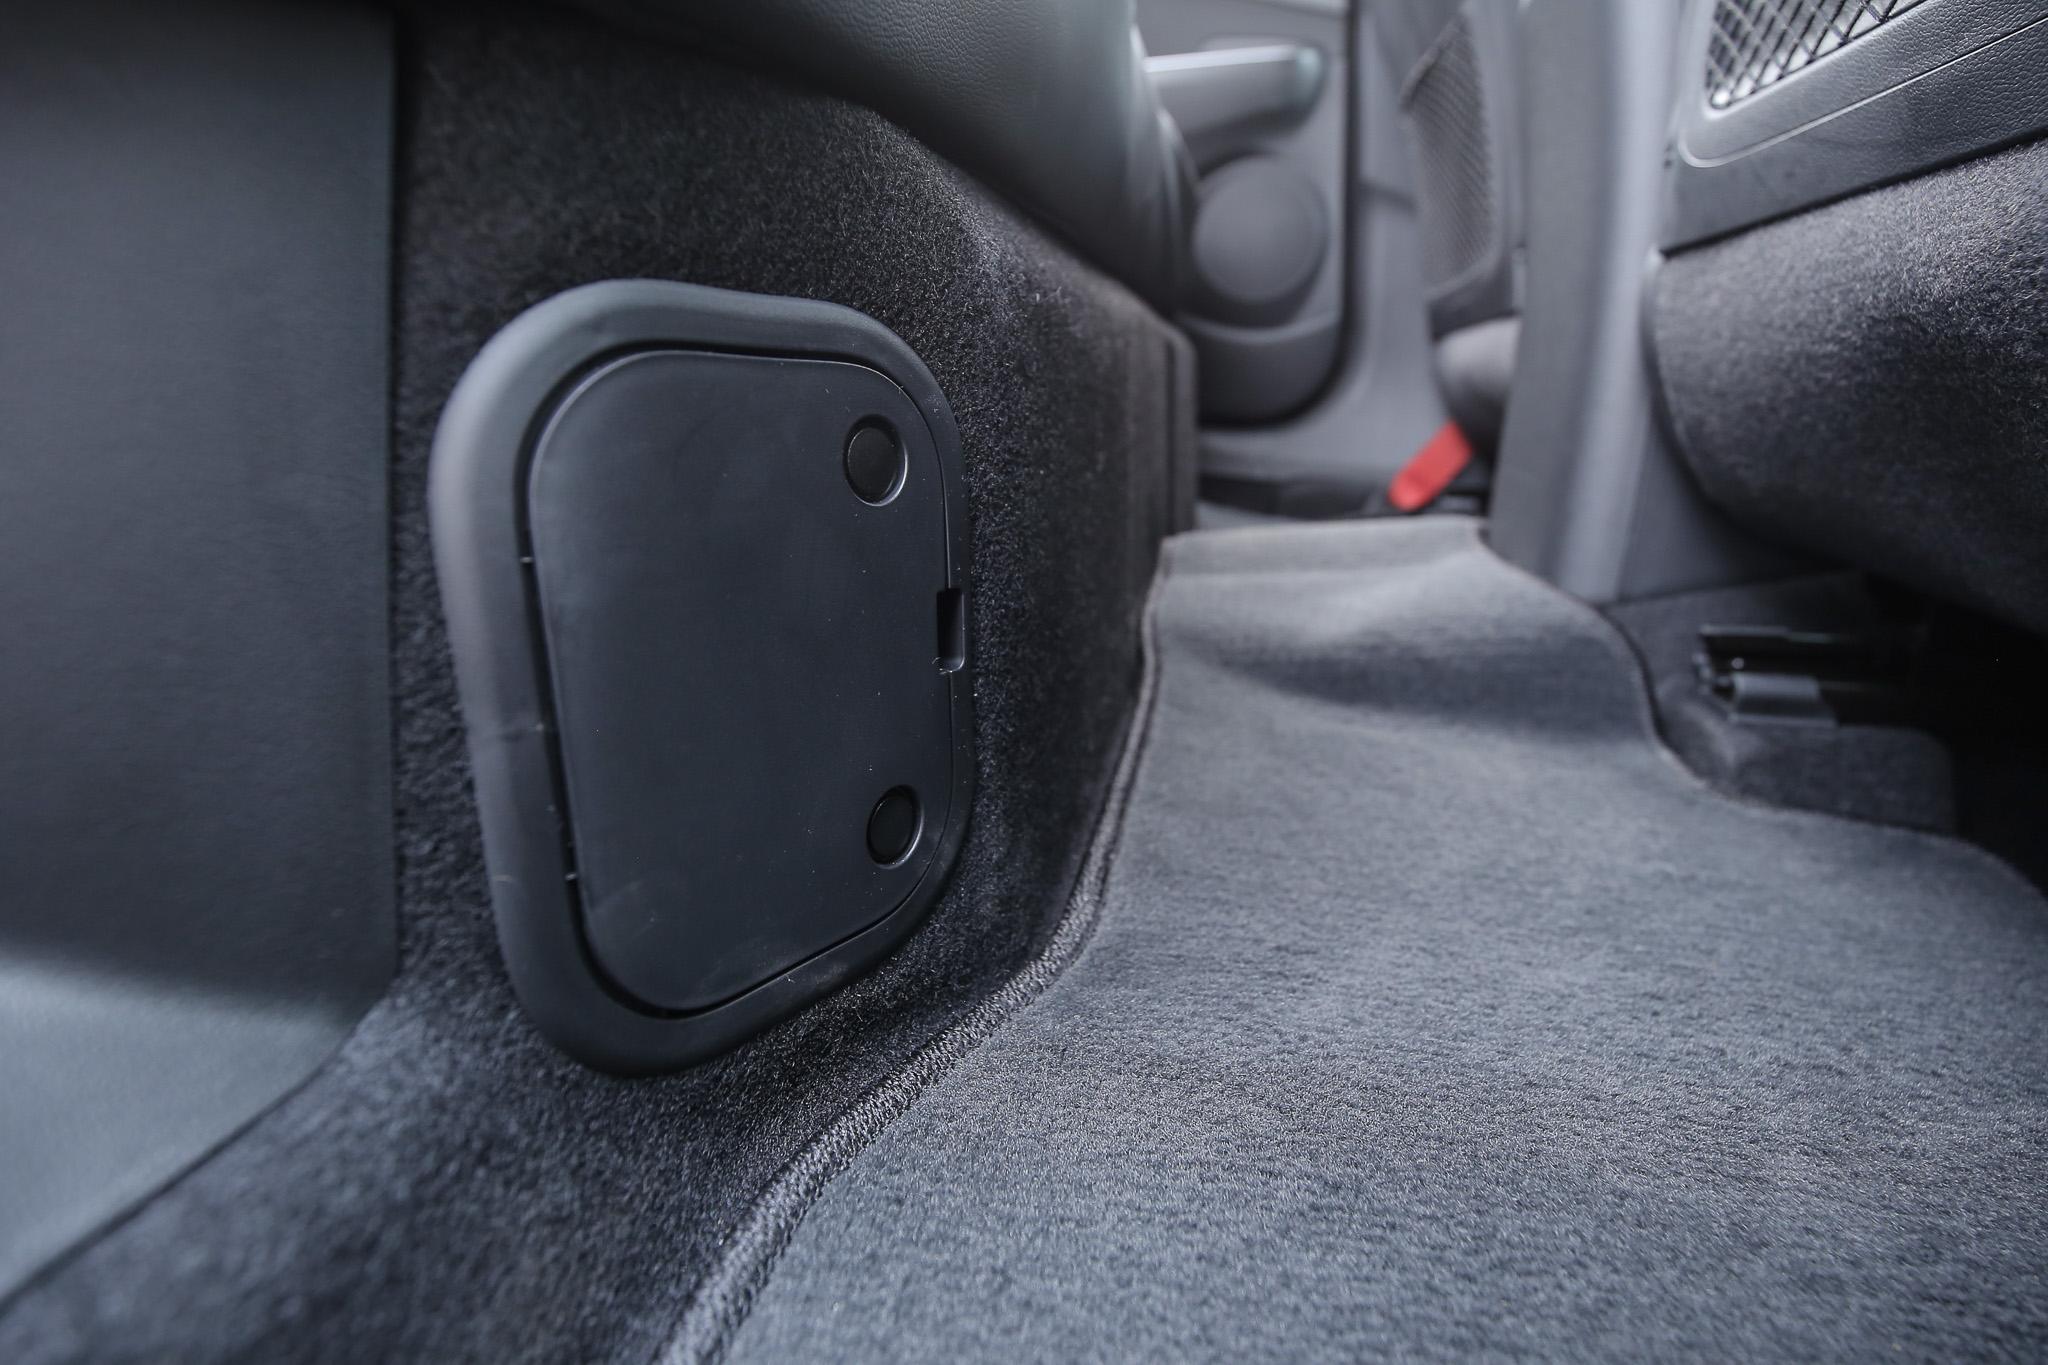 油電系統的鋰電池放置於後座底下。